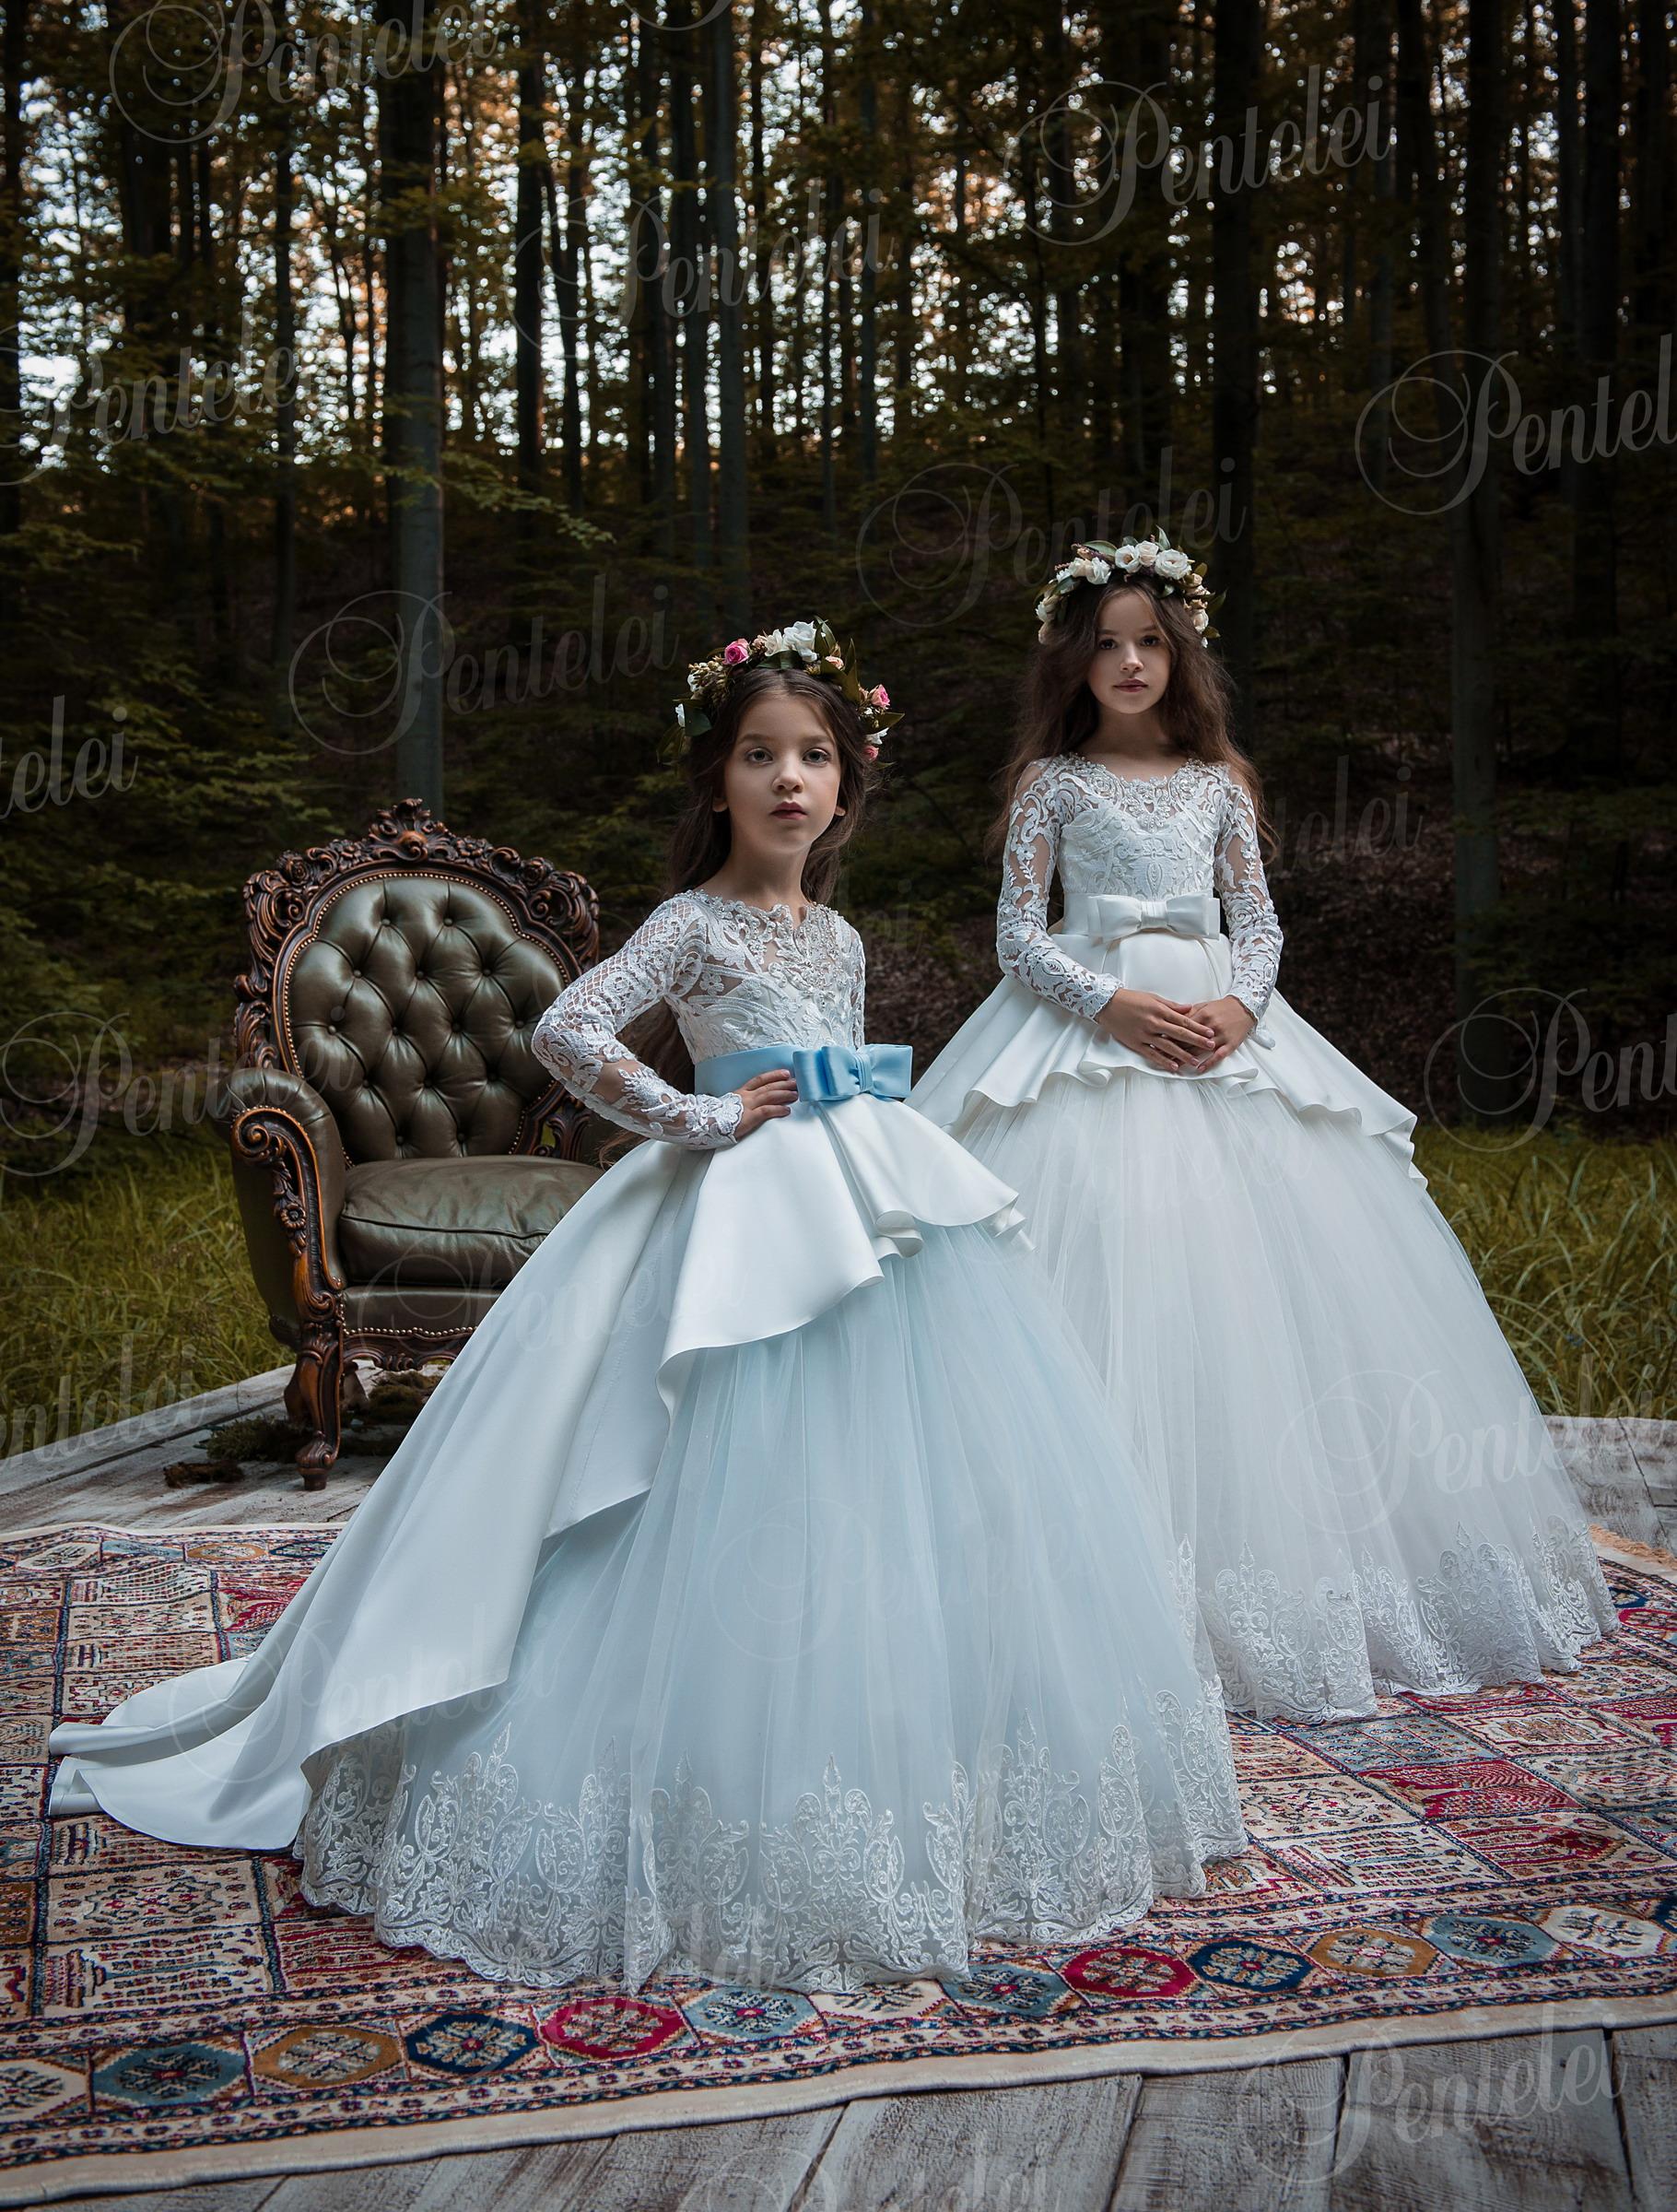 Дитячі сукні для причастя f64e3b27c94c4